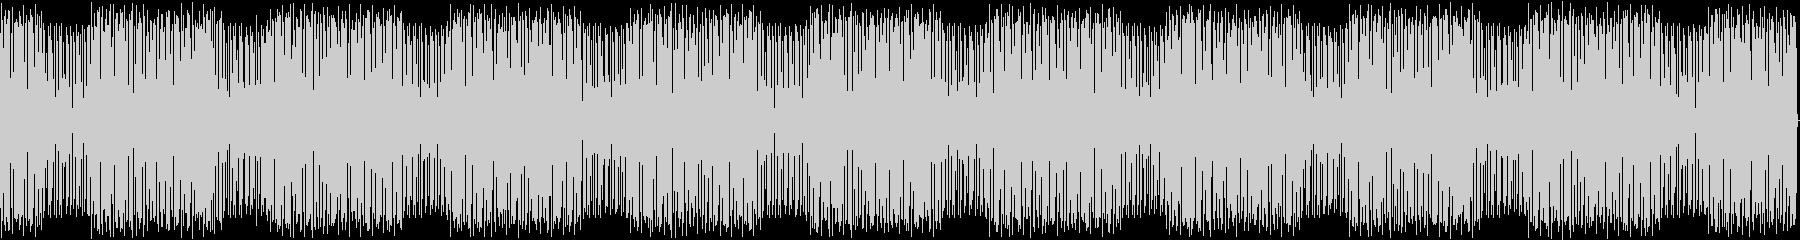 シンセとドラムのPOPでヘンテコBGMの未再生の波形